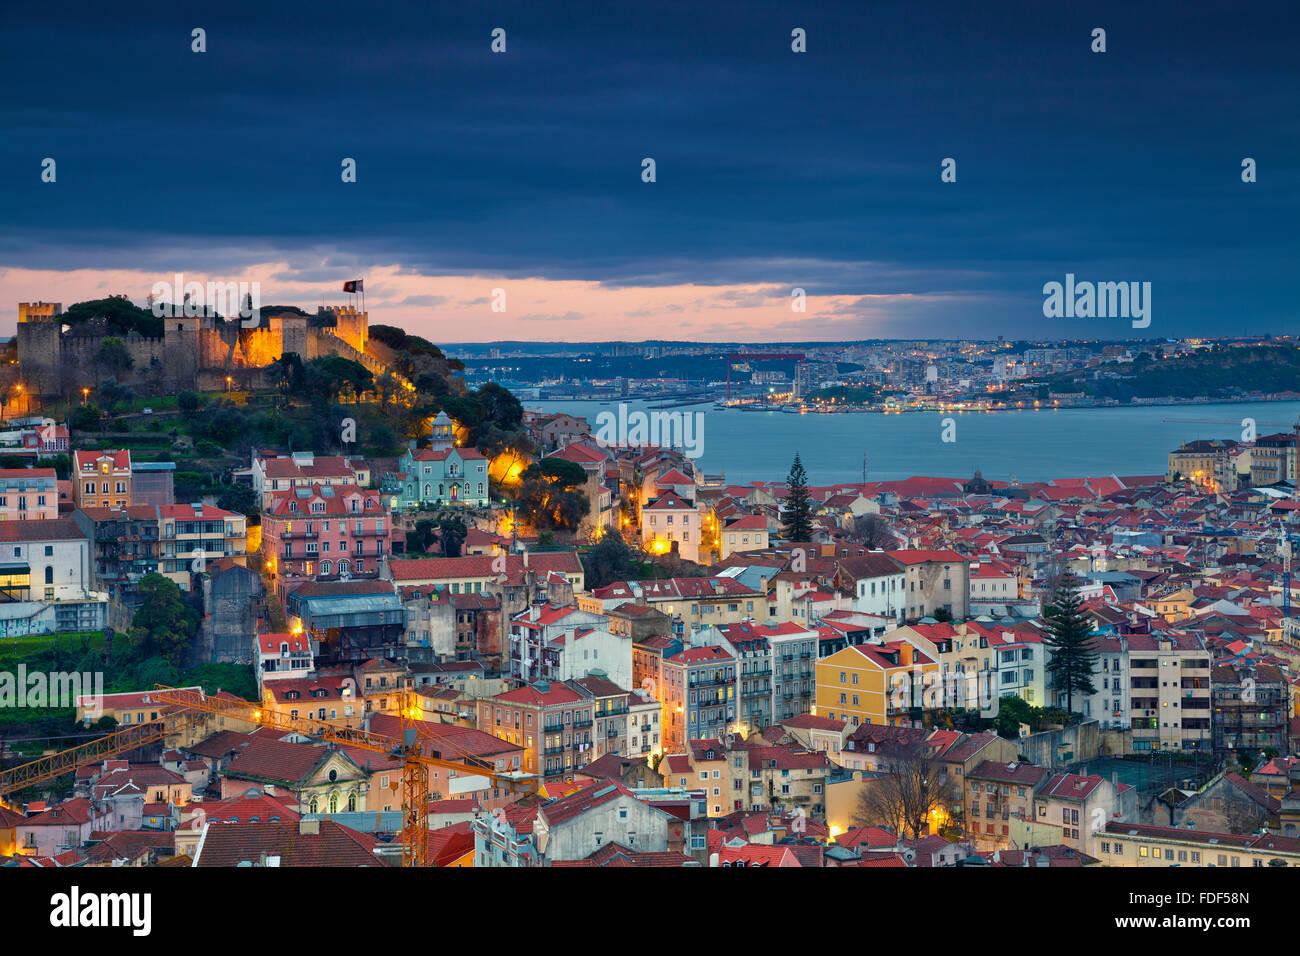 Lisbonne. Image de Lisbonne, au Portugal pendant le crépuscule heure bleue. Photo Stock